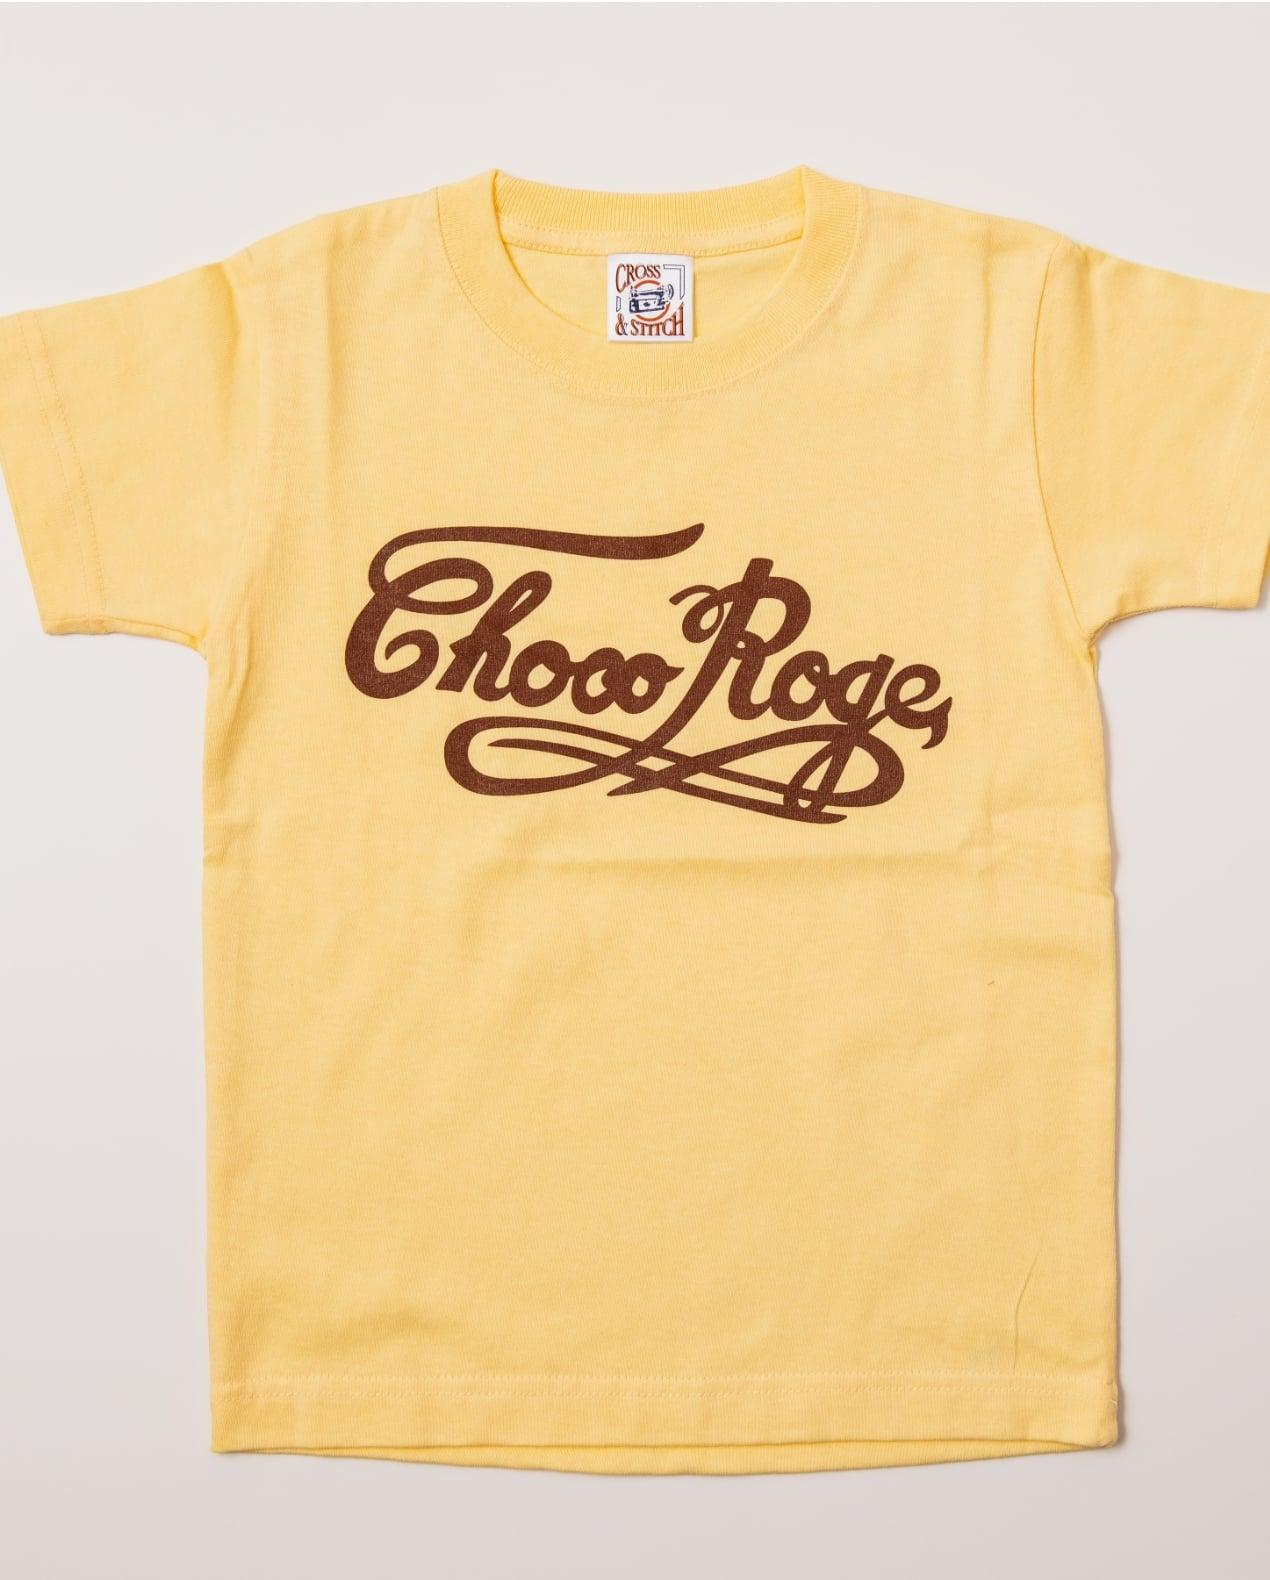 Tシャツ 大人用 黄色 サイズL